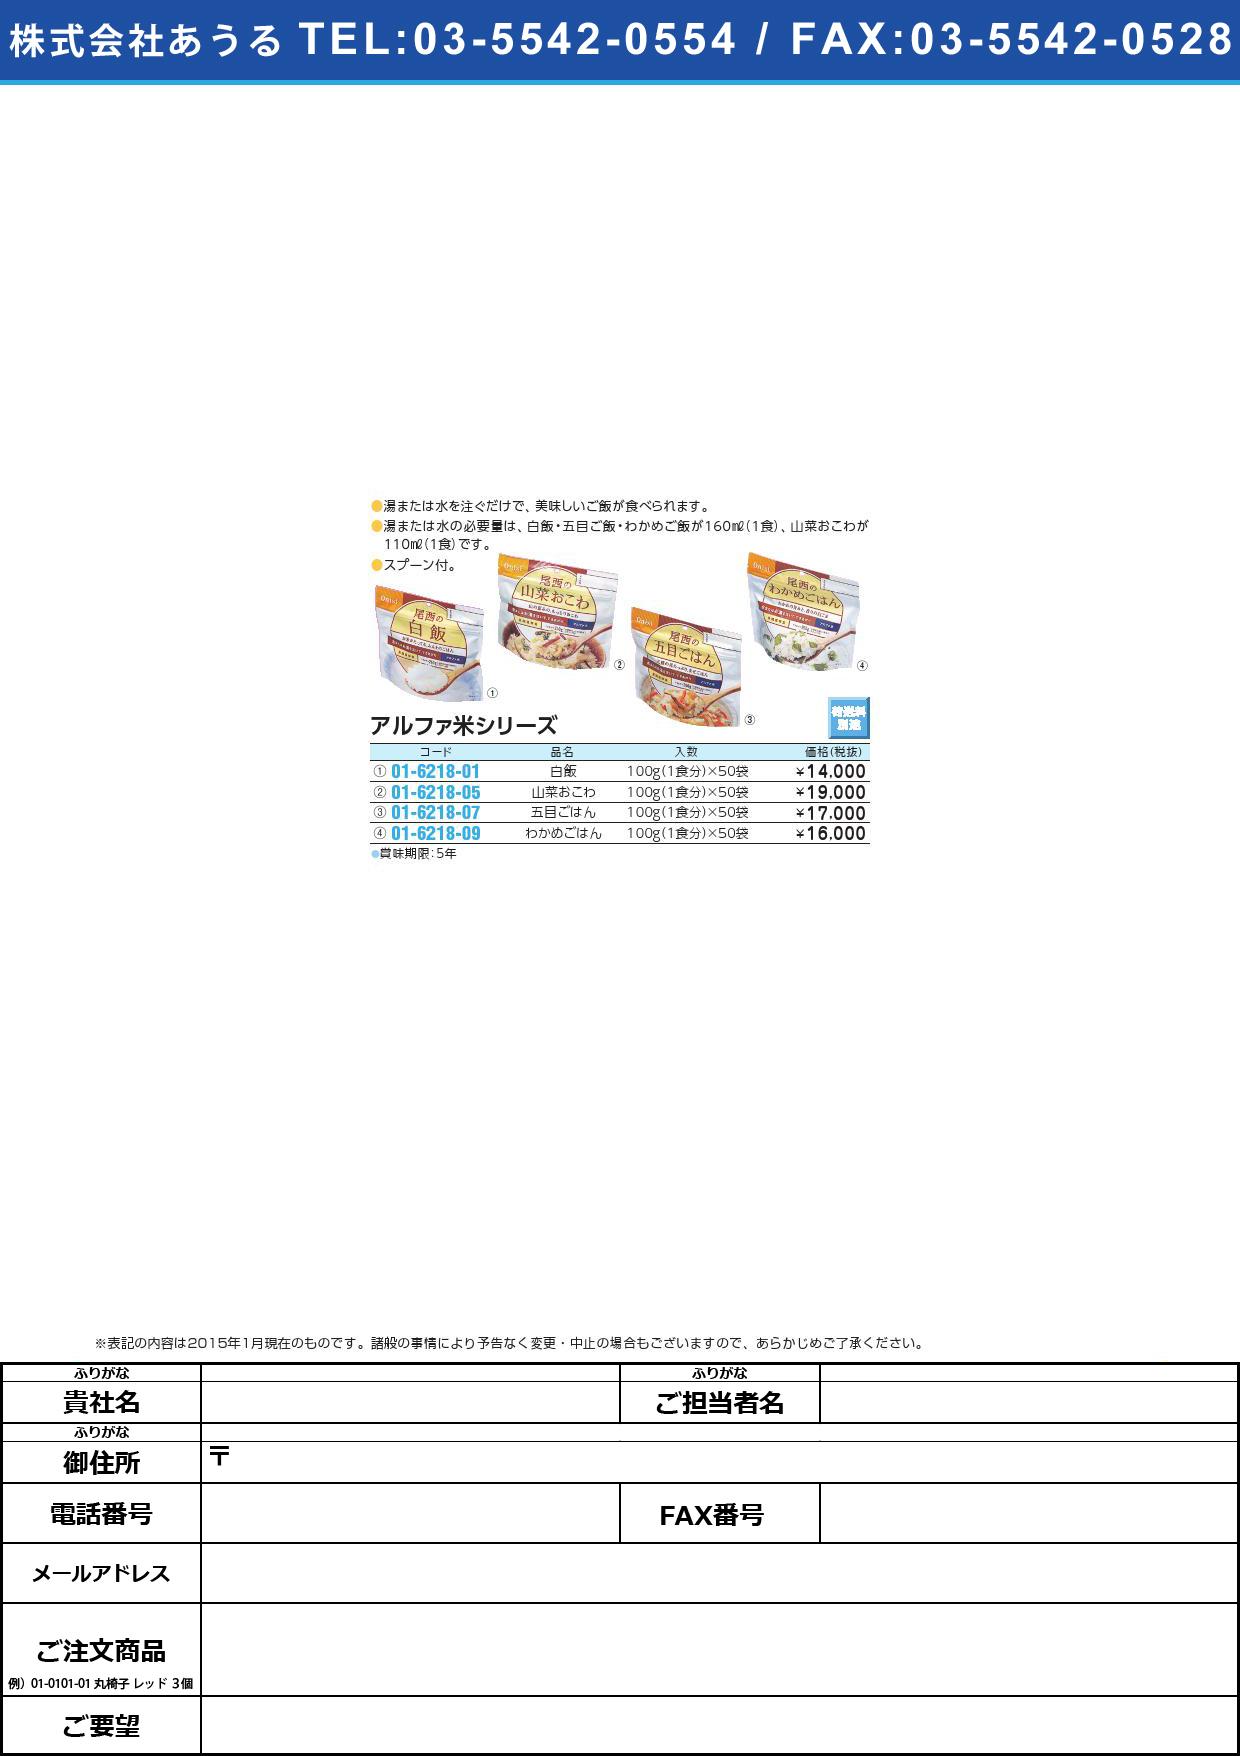 (01-6218-01)アルファ米・白飯(賞味期限5年) アルファマイ・シロメシ(01-6218-01)2153(100G・1ショク)50フクロ【1箱単位】【2015年カタログ商品】